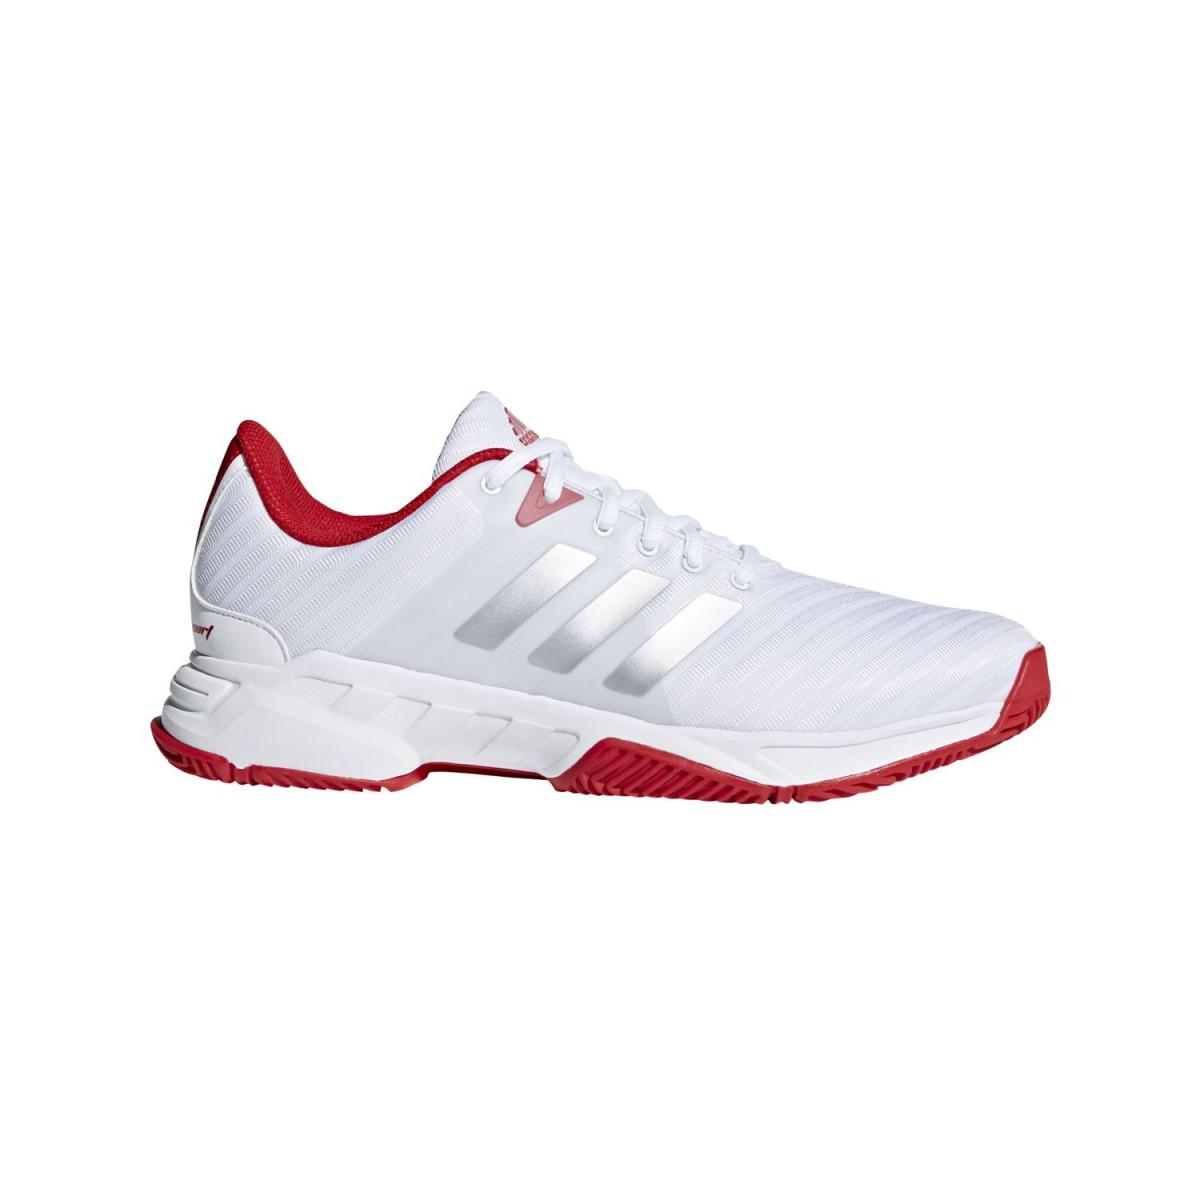 Zapatillas Adidas Barricade Court 3